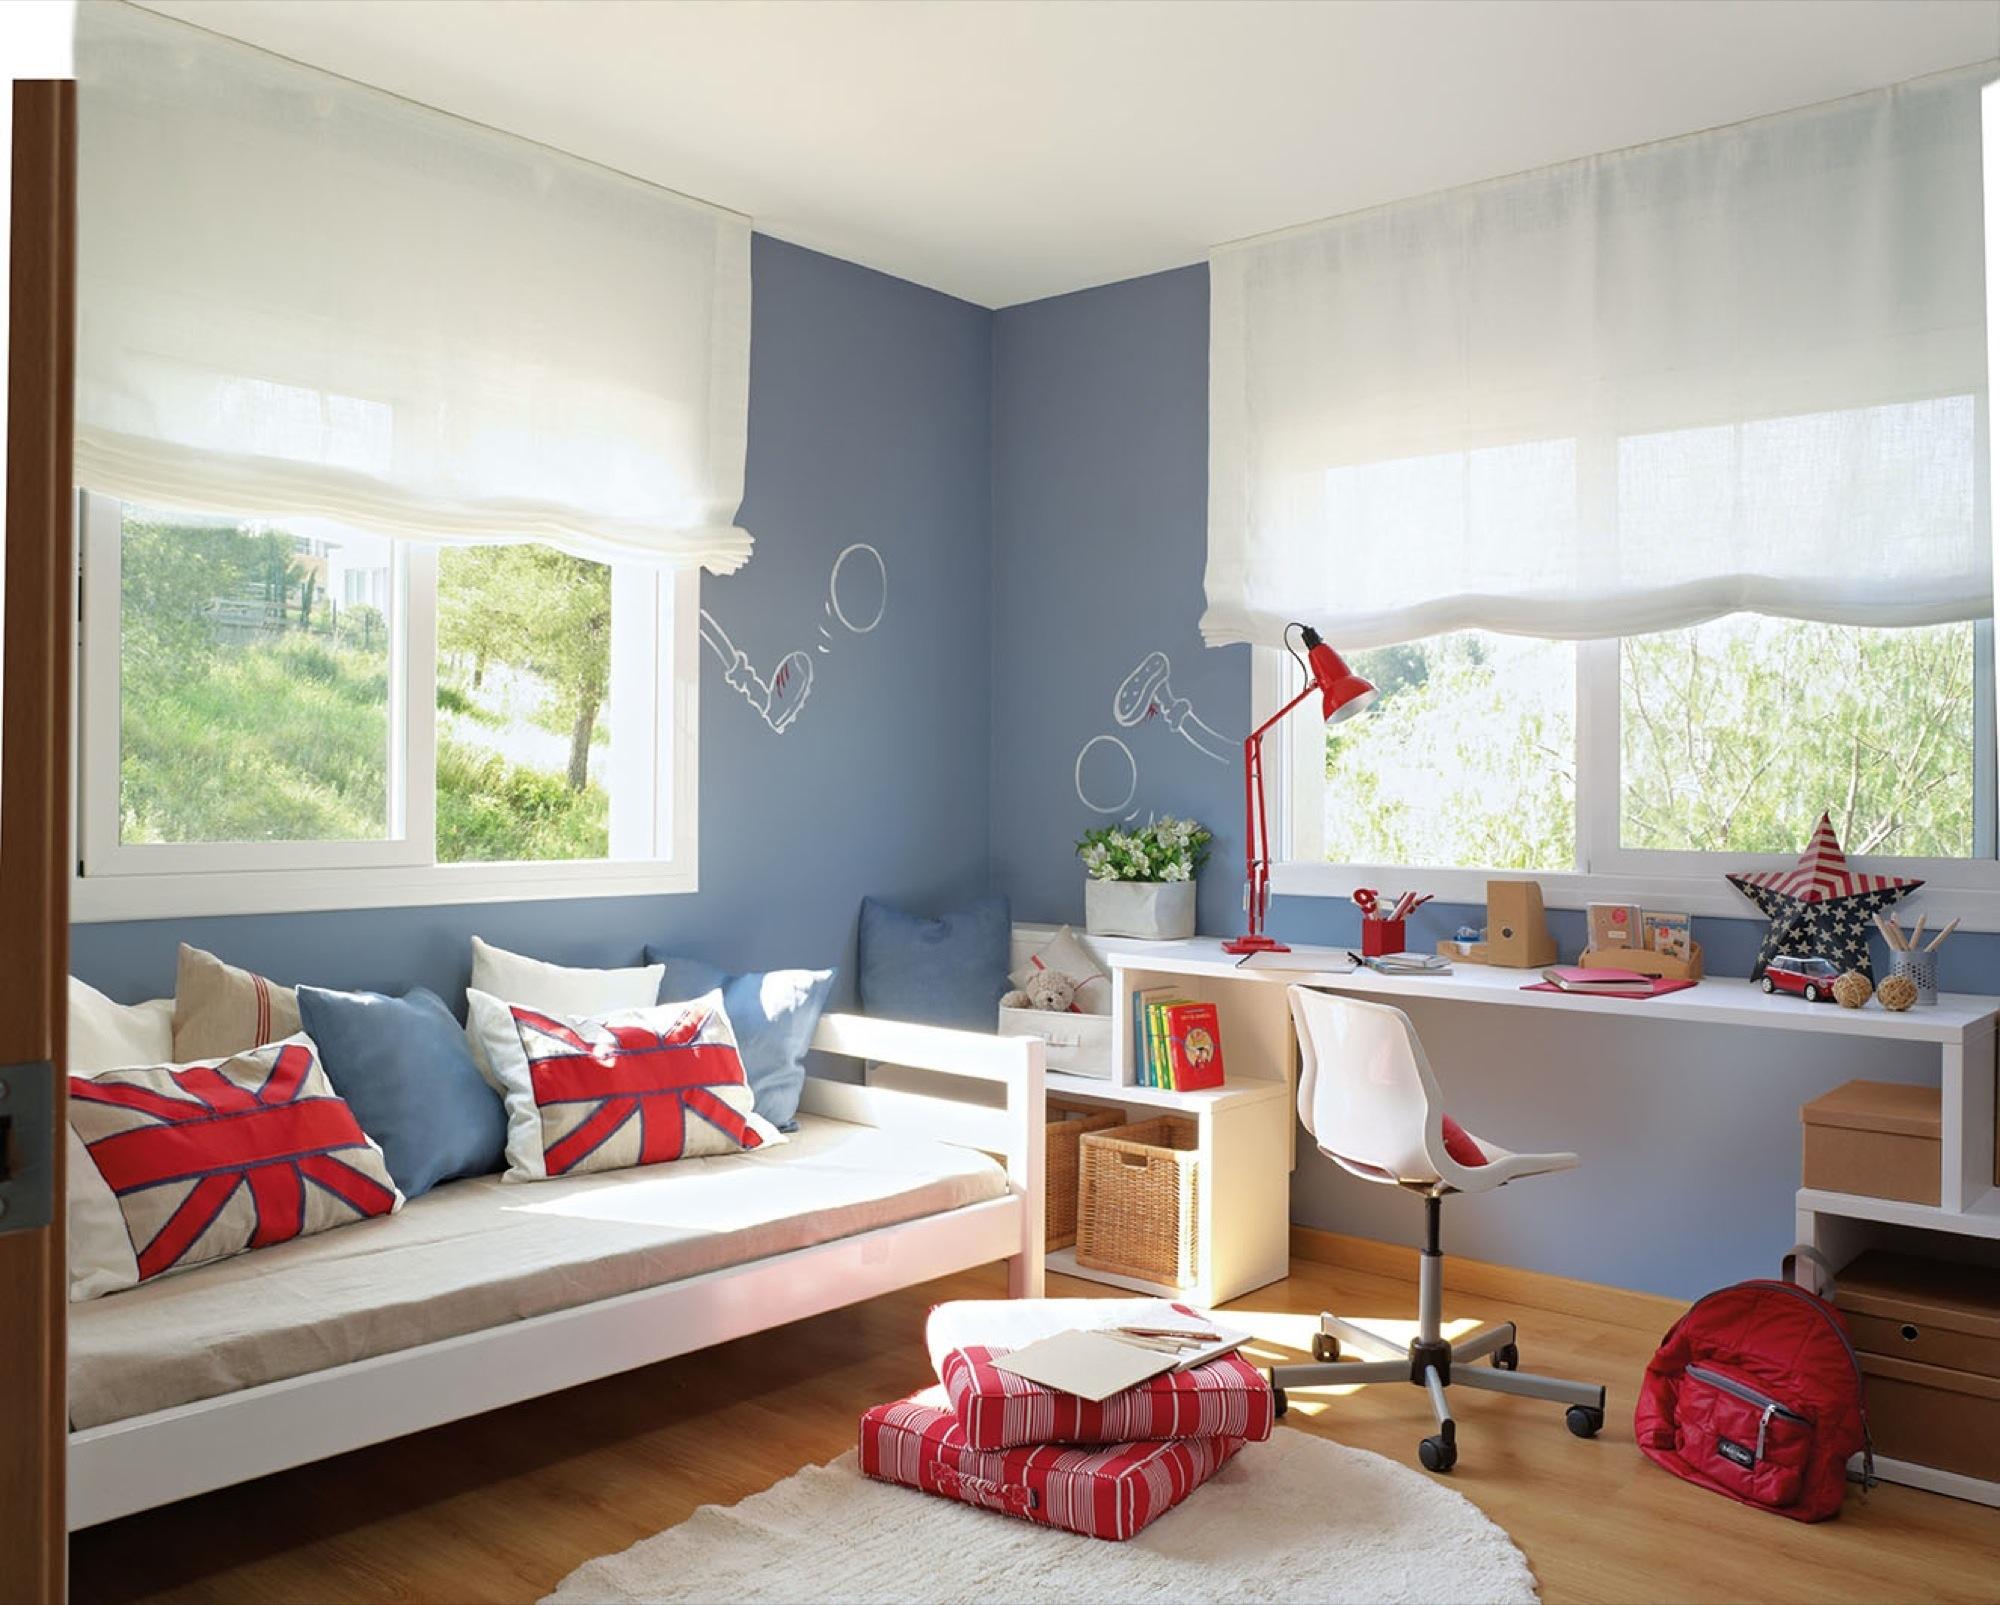 C mo pintar la casa sin ayuda de un pintor profesional - Pintar las paredes de casa ...